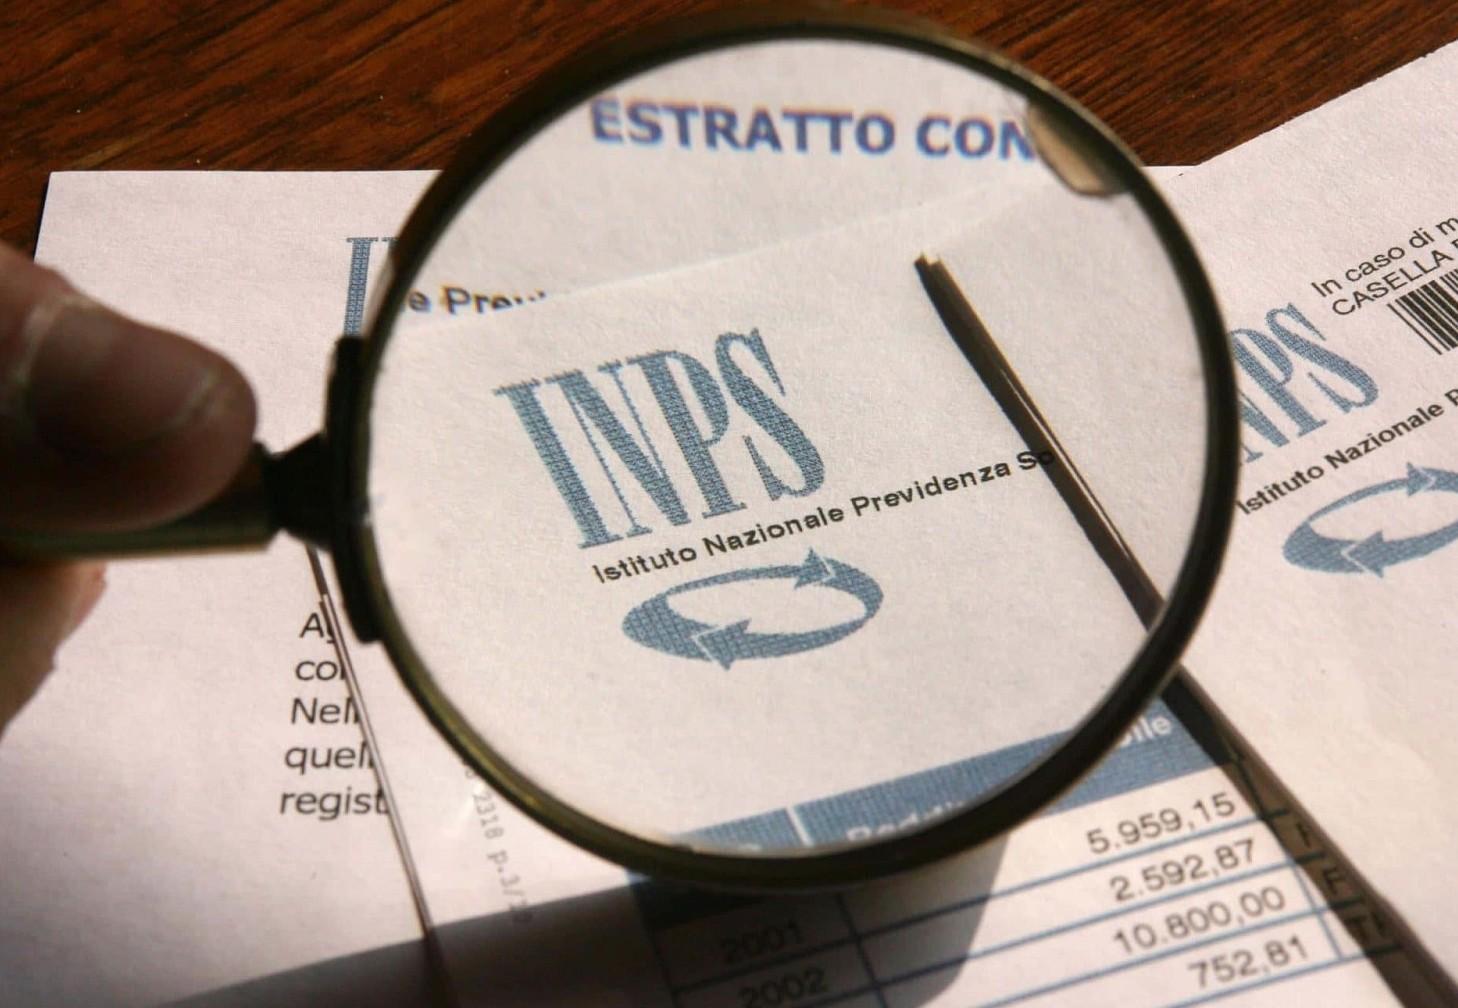 Totalizzazione contributi pensioni 2020 come funziona, quanto costa e come fare domanda INPS